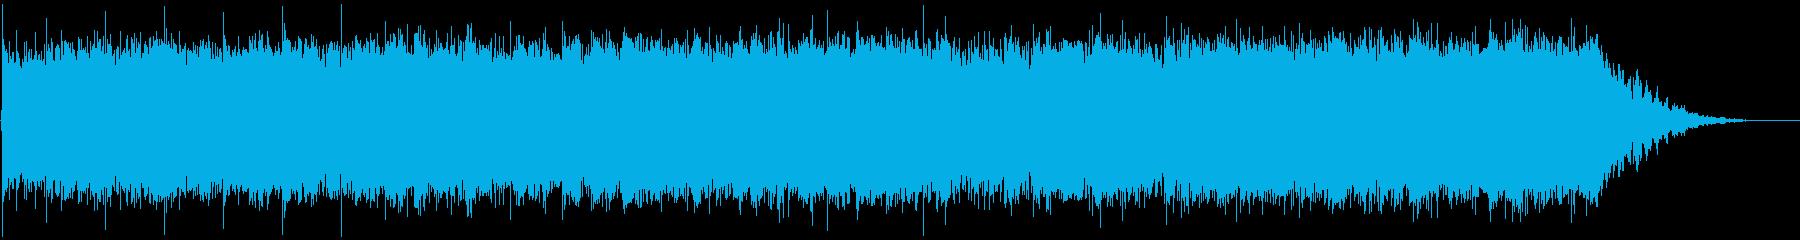 日常のイメージのシンセの優しい曲の再生済みの波形